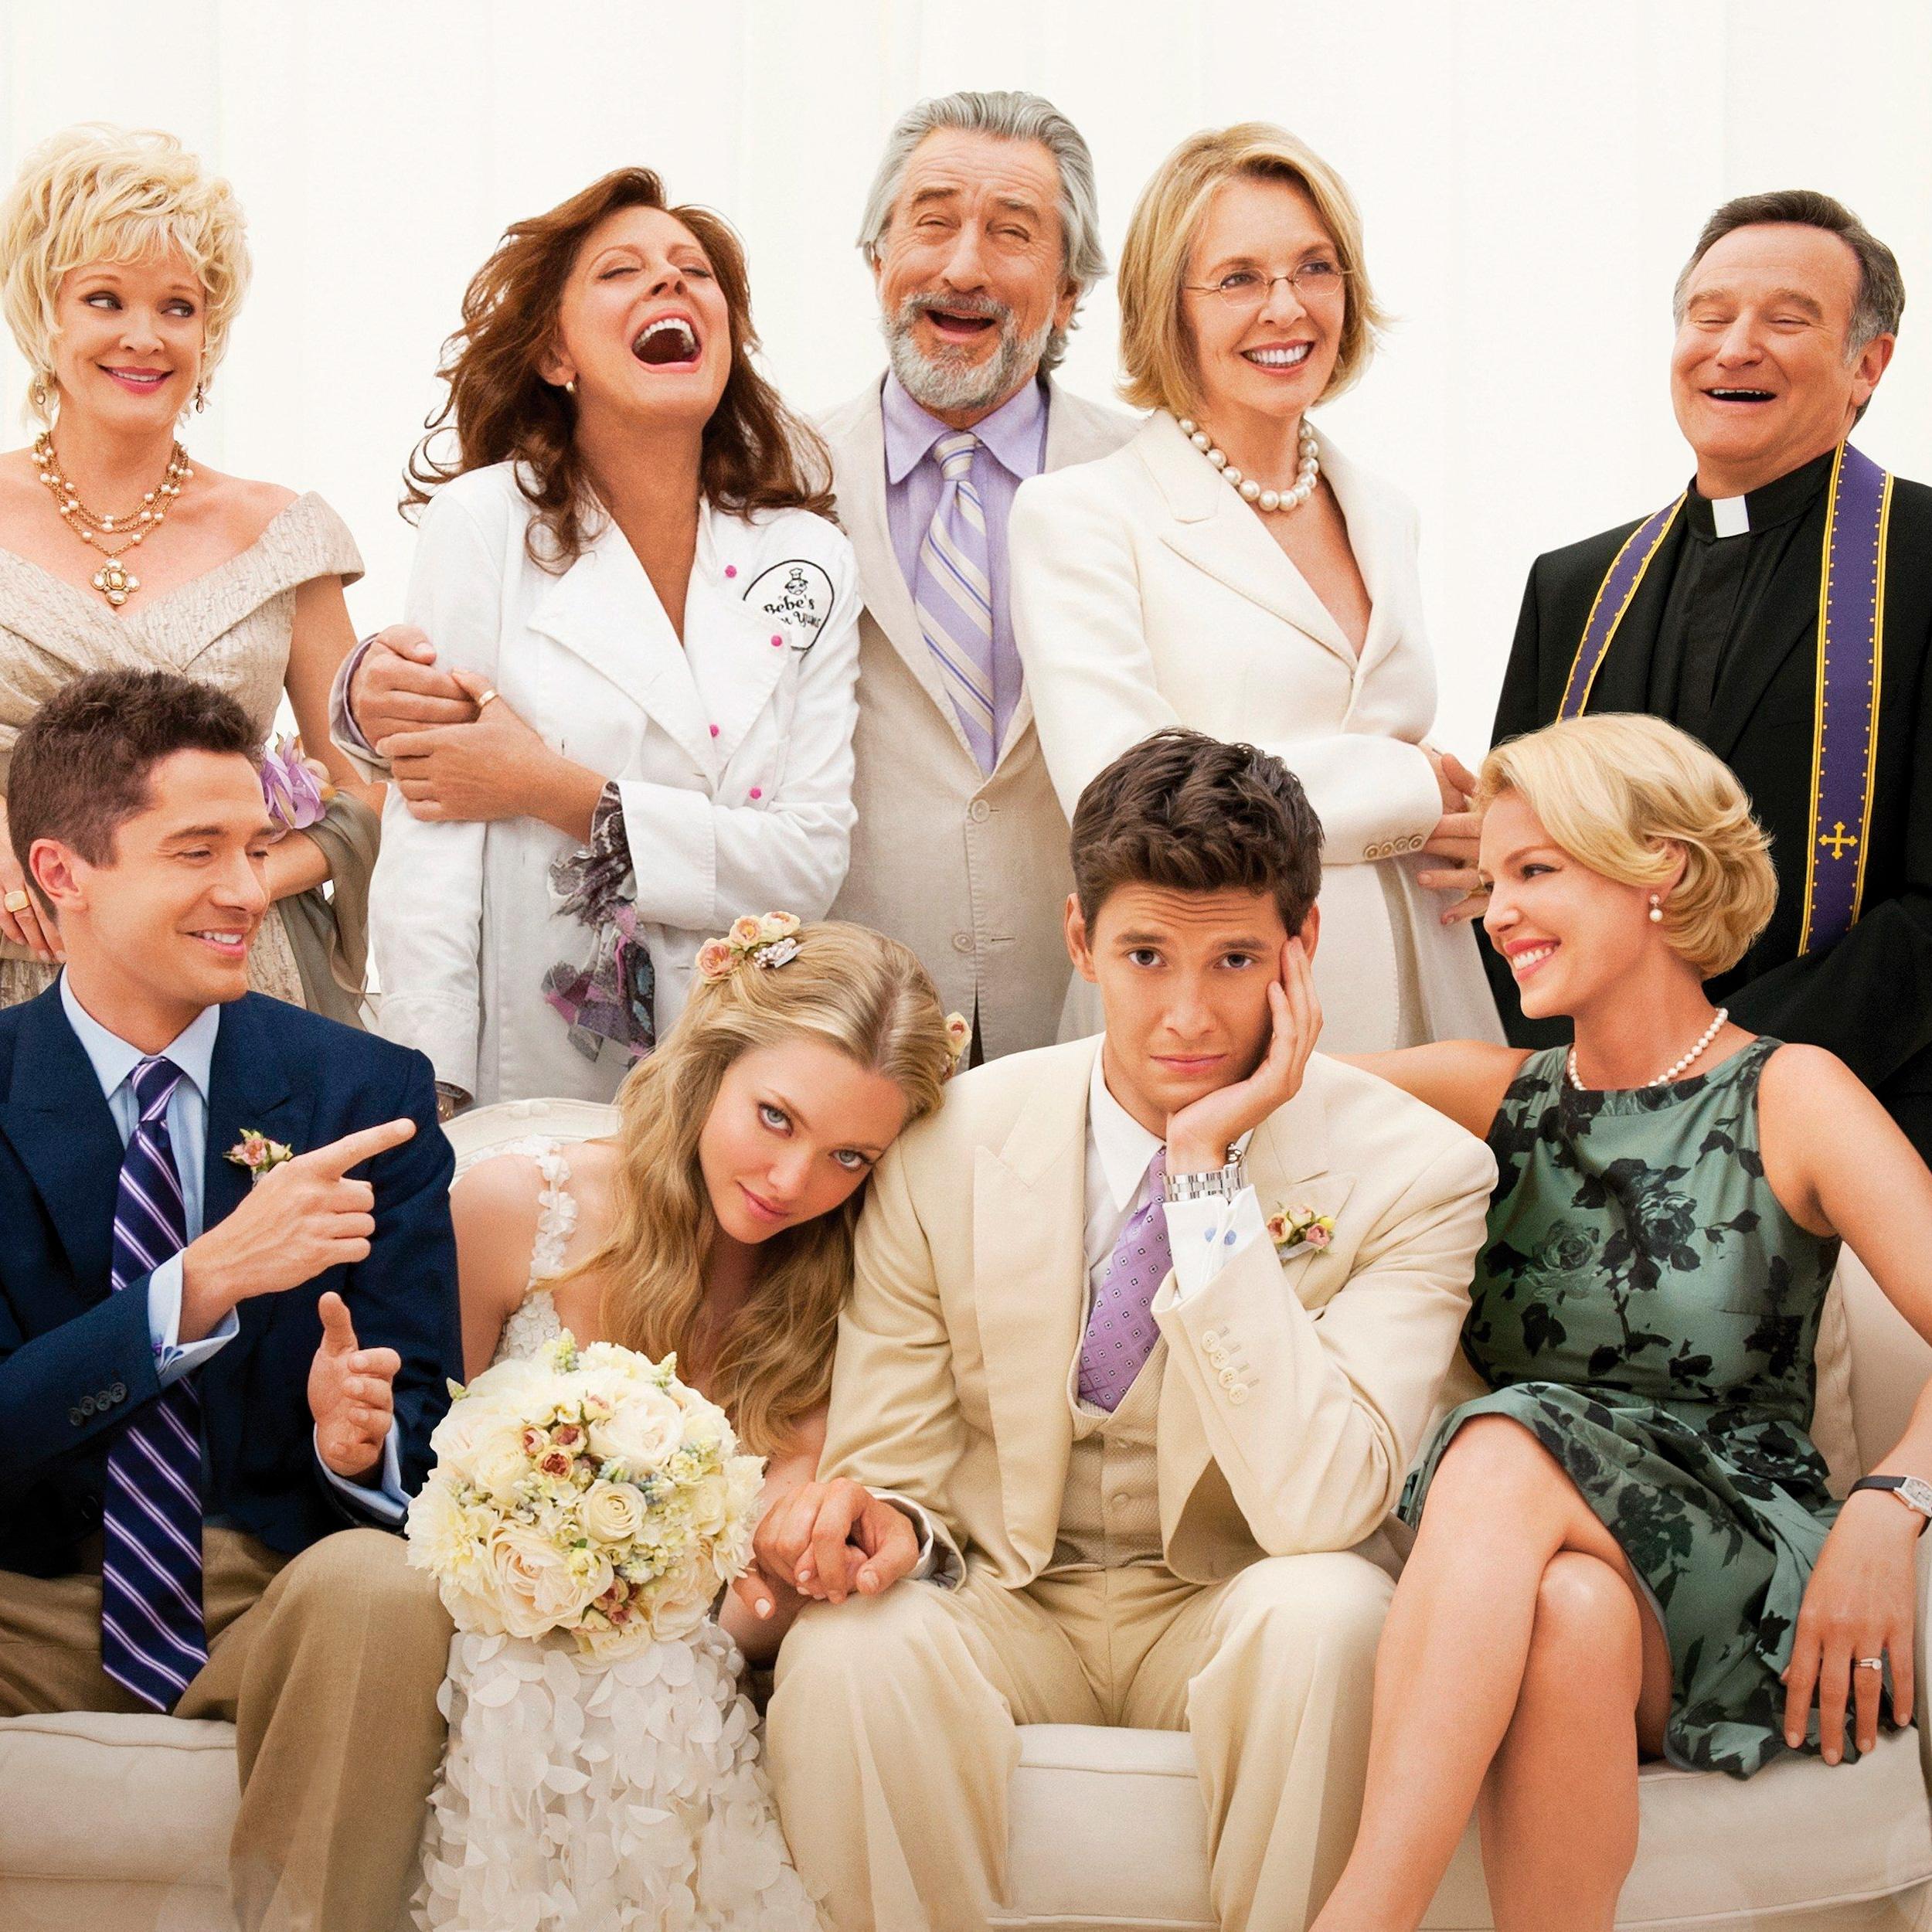 Свадебная открытка смотреть фильм онлайн в хорошем качестве, открытка